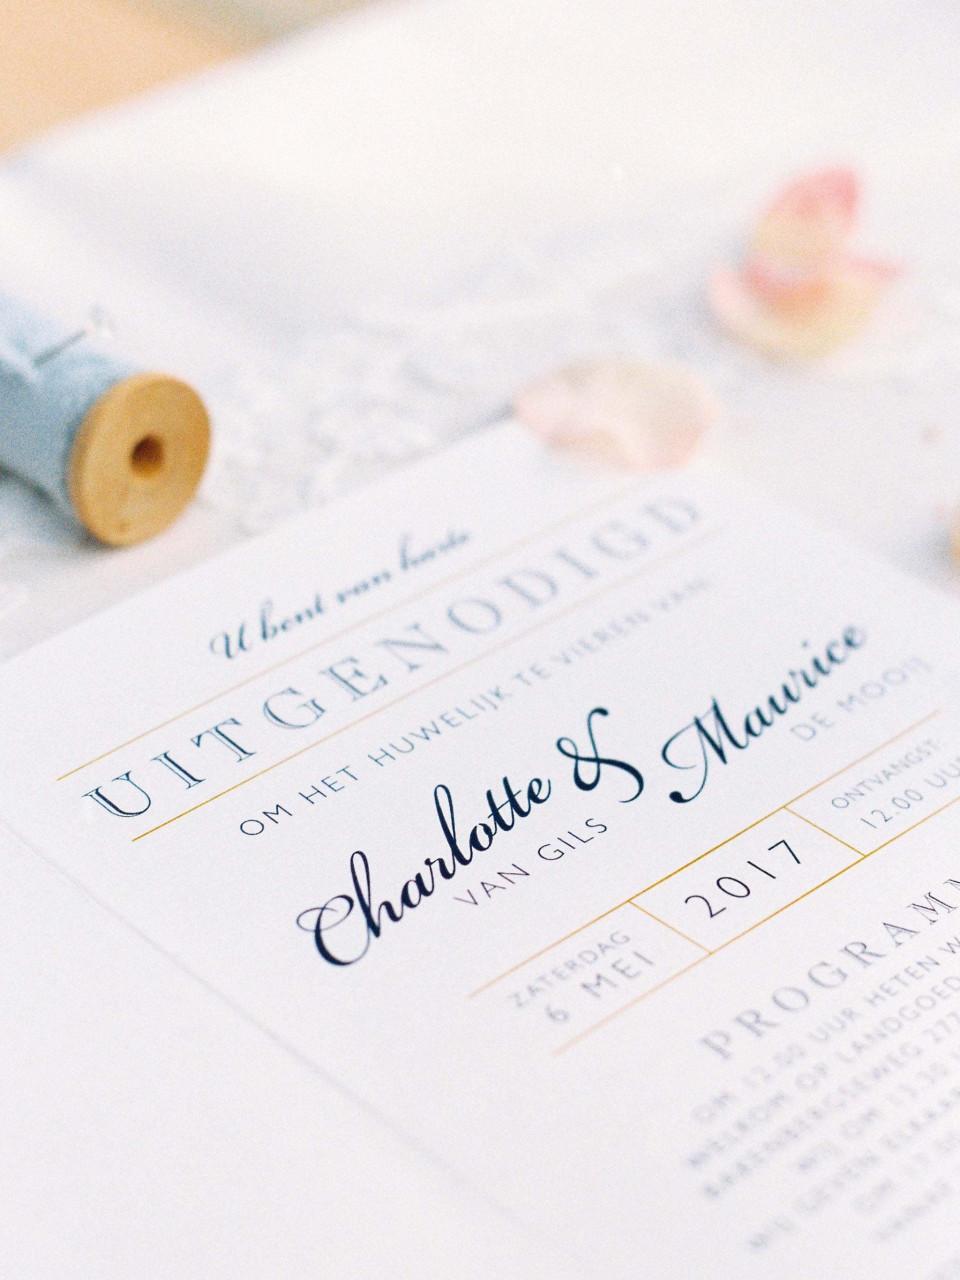 Bruiloft uitnodiging theperfectwedding